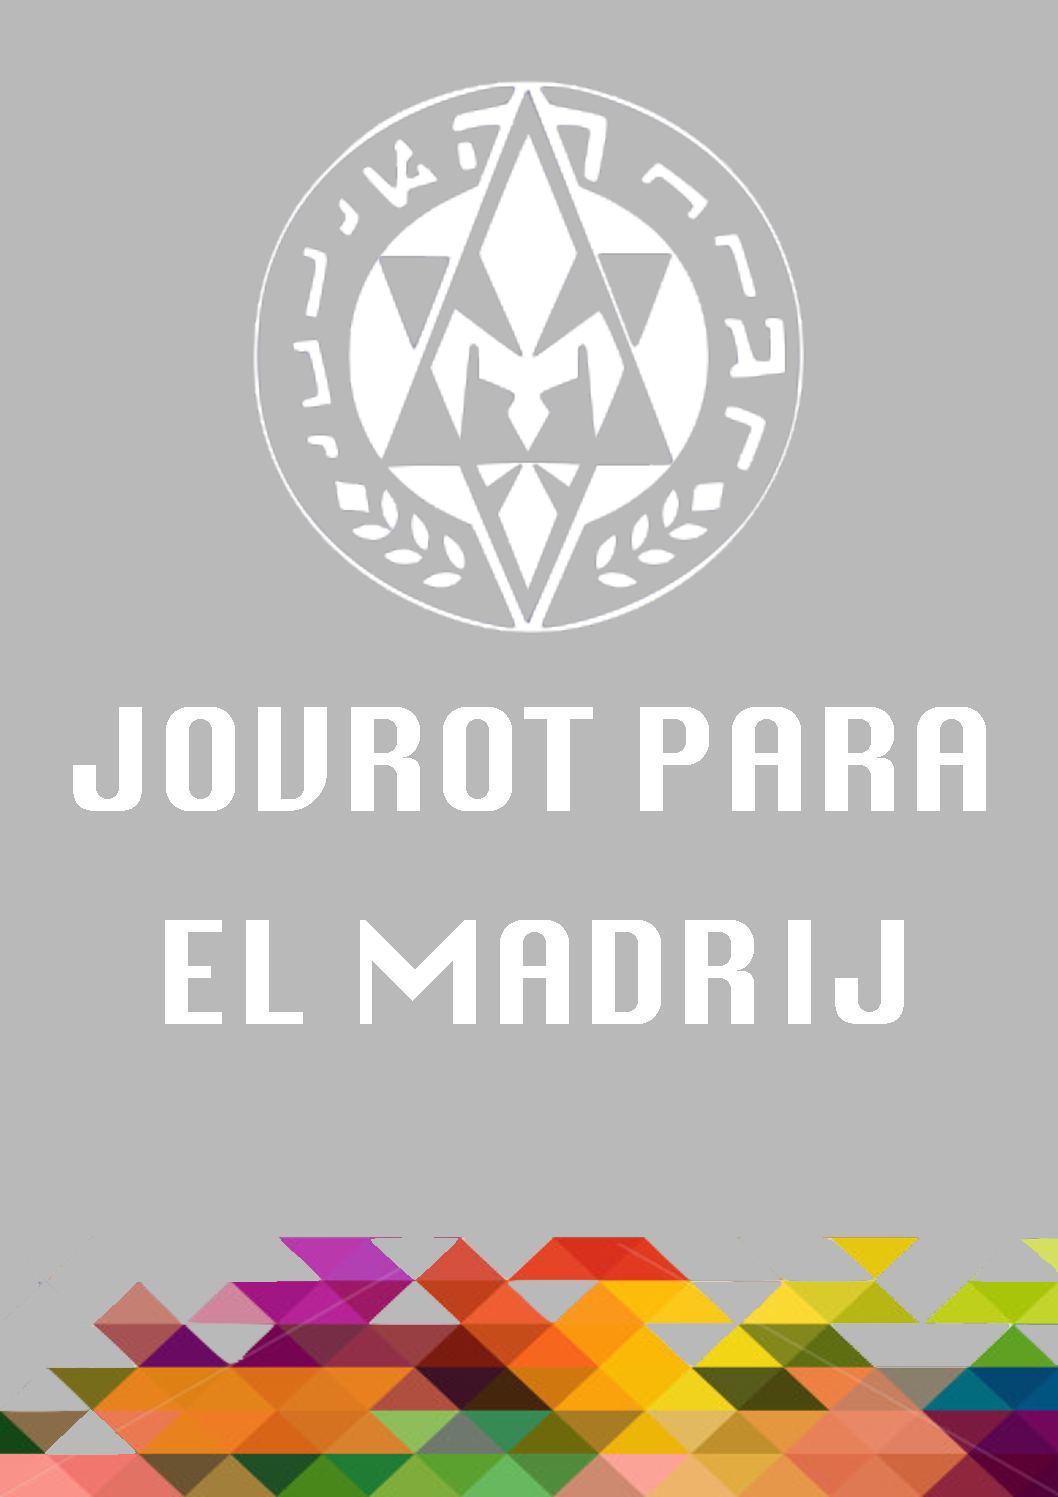 Calaméo - Jovrot Para El Madrij